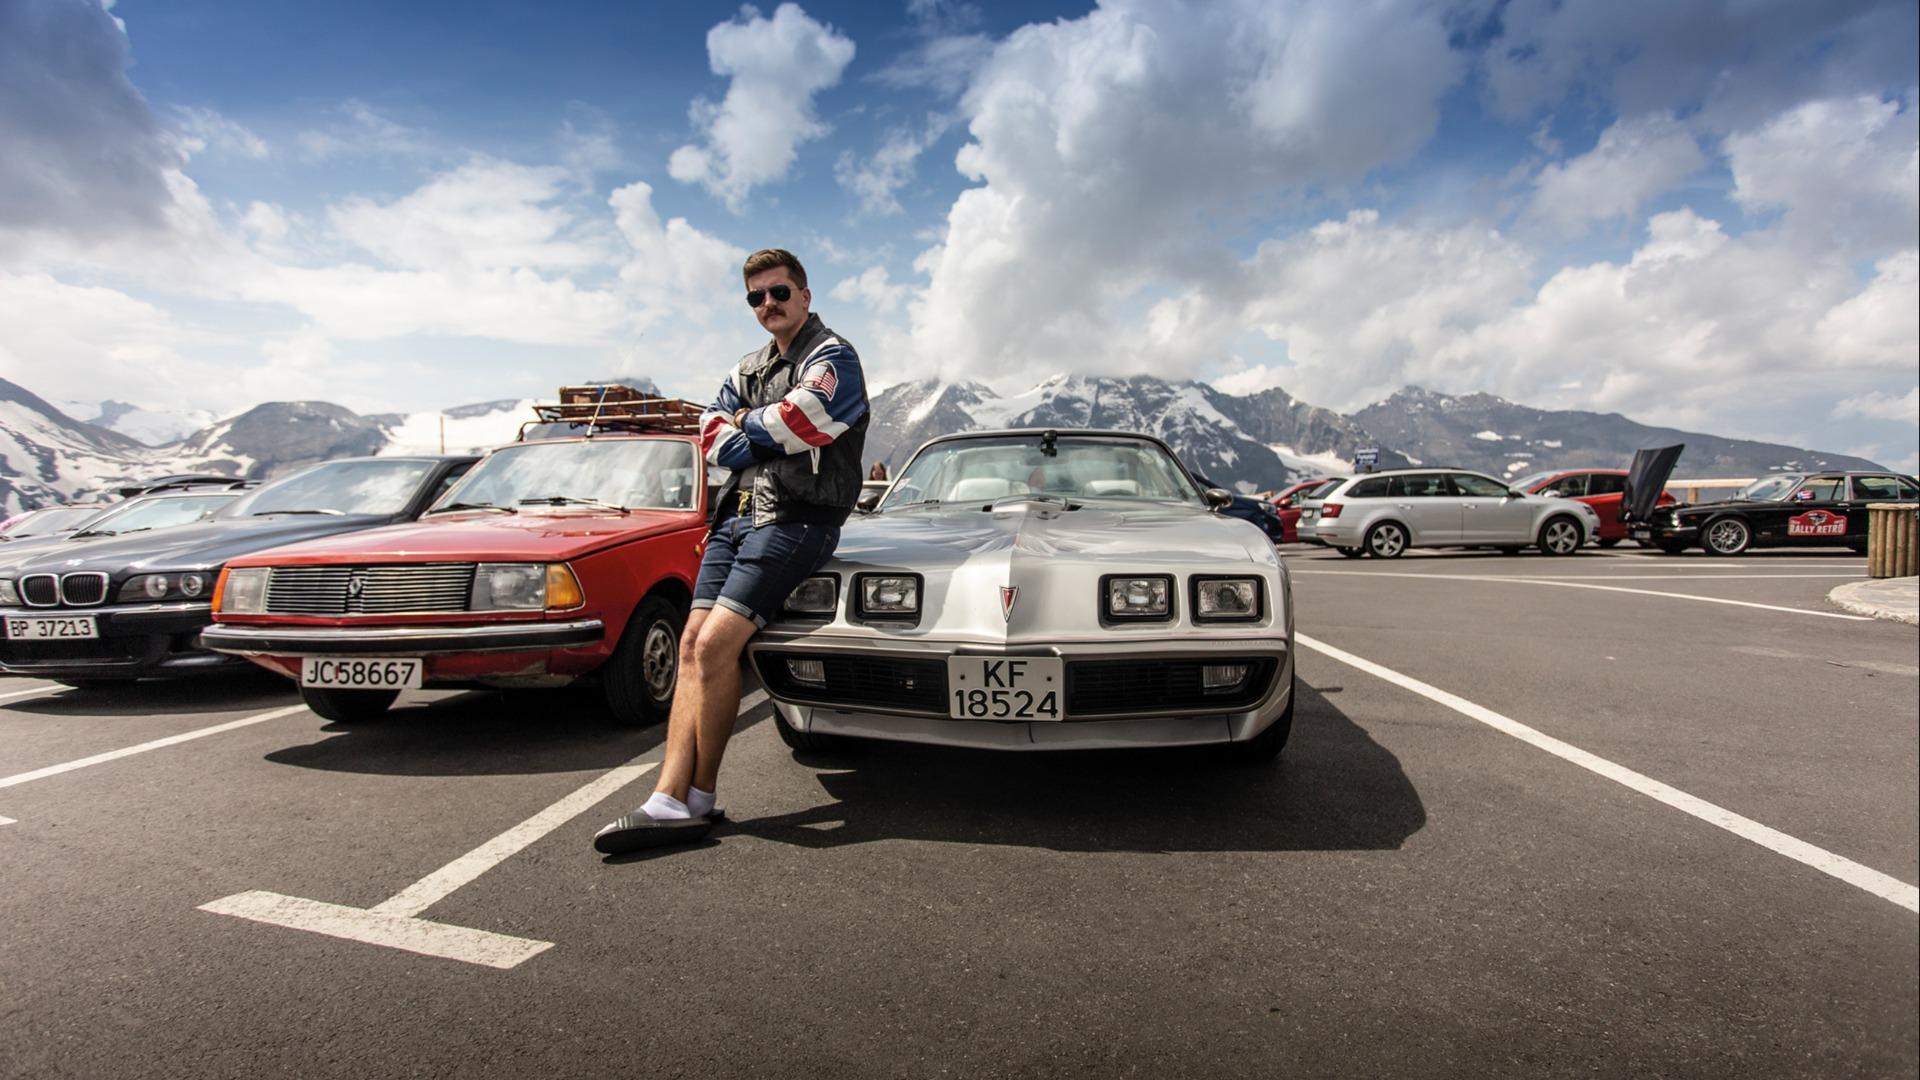 I Rally Retros reglement sto det at deltager måtte være kledd i stil med bilen. Ken Roger har her på seg farens skinnjakke kjøpt i USA